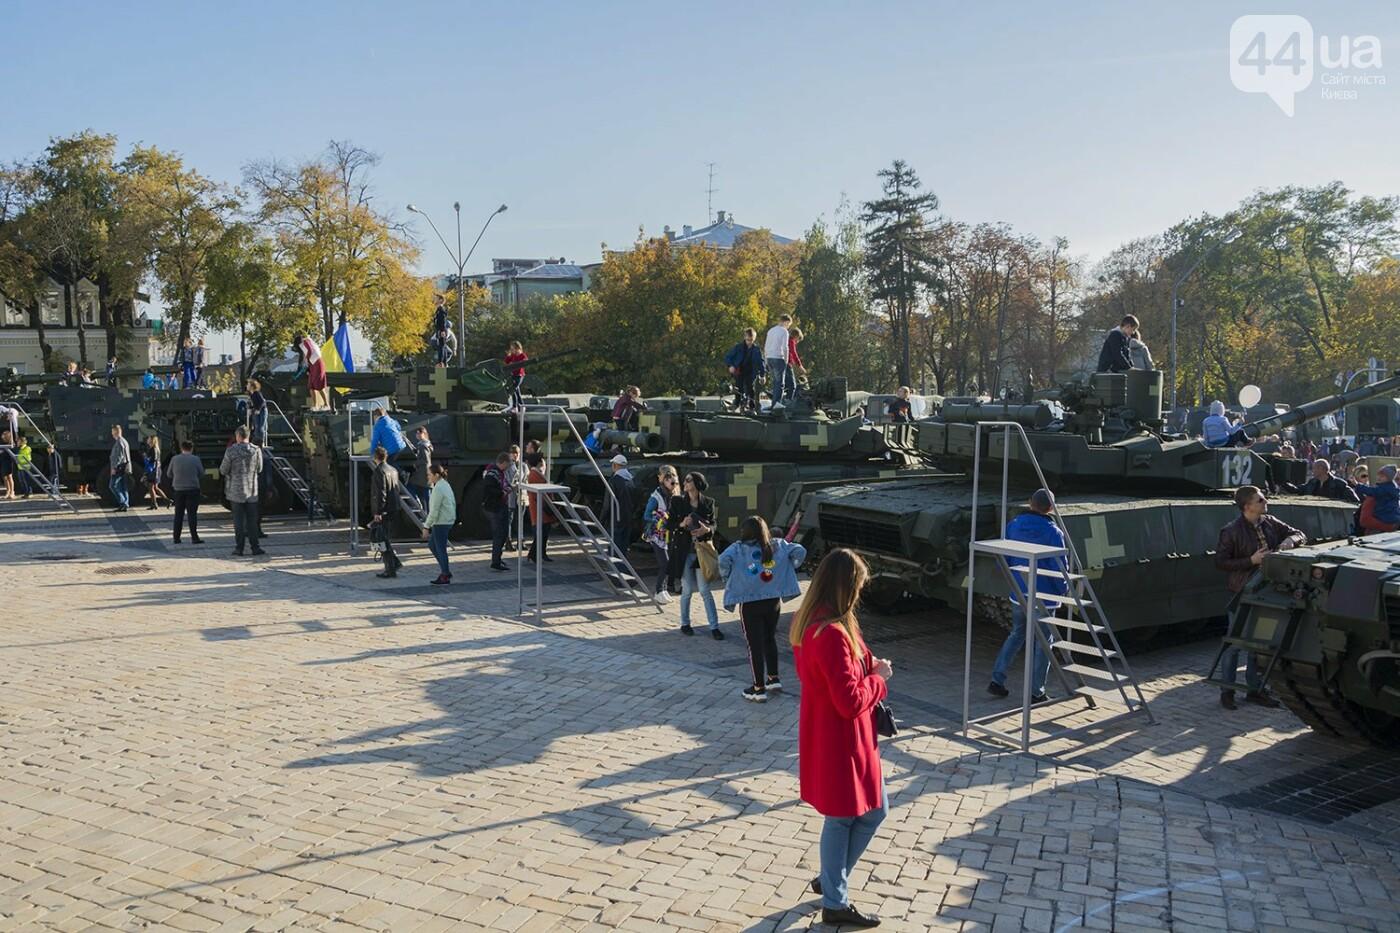 В Киеве открылась масштабная выставка военной техники – ФОТОРЕПОРТАЖ, фото-28